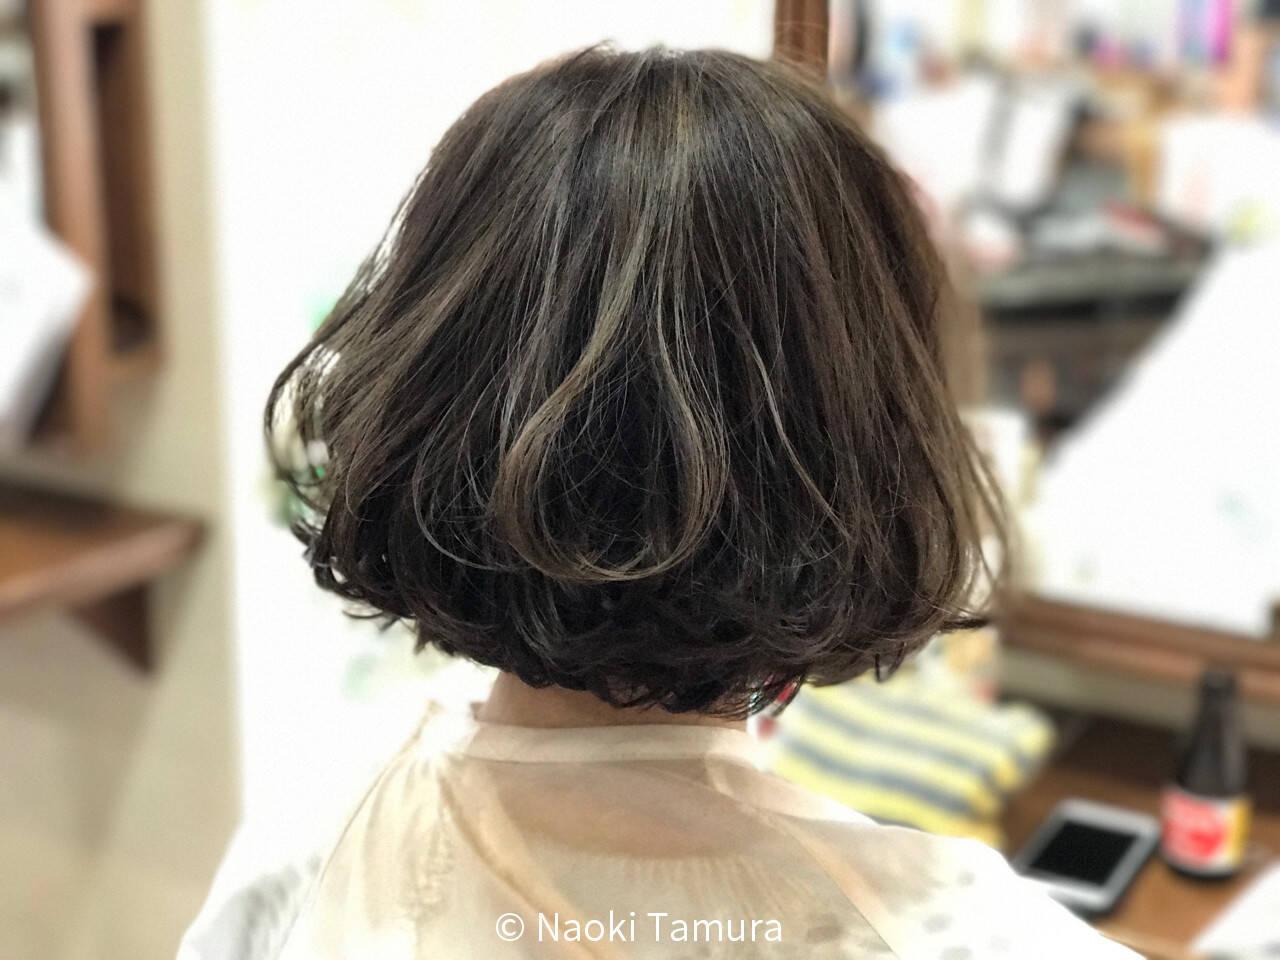 グレージュ 春 ゆるふわ ボブヘアスタイルや髪型の写真・画像